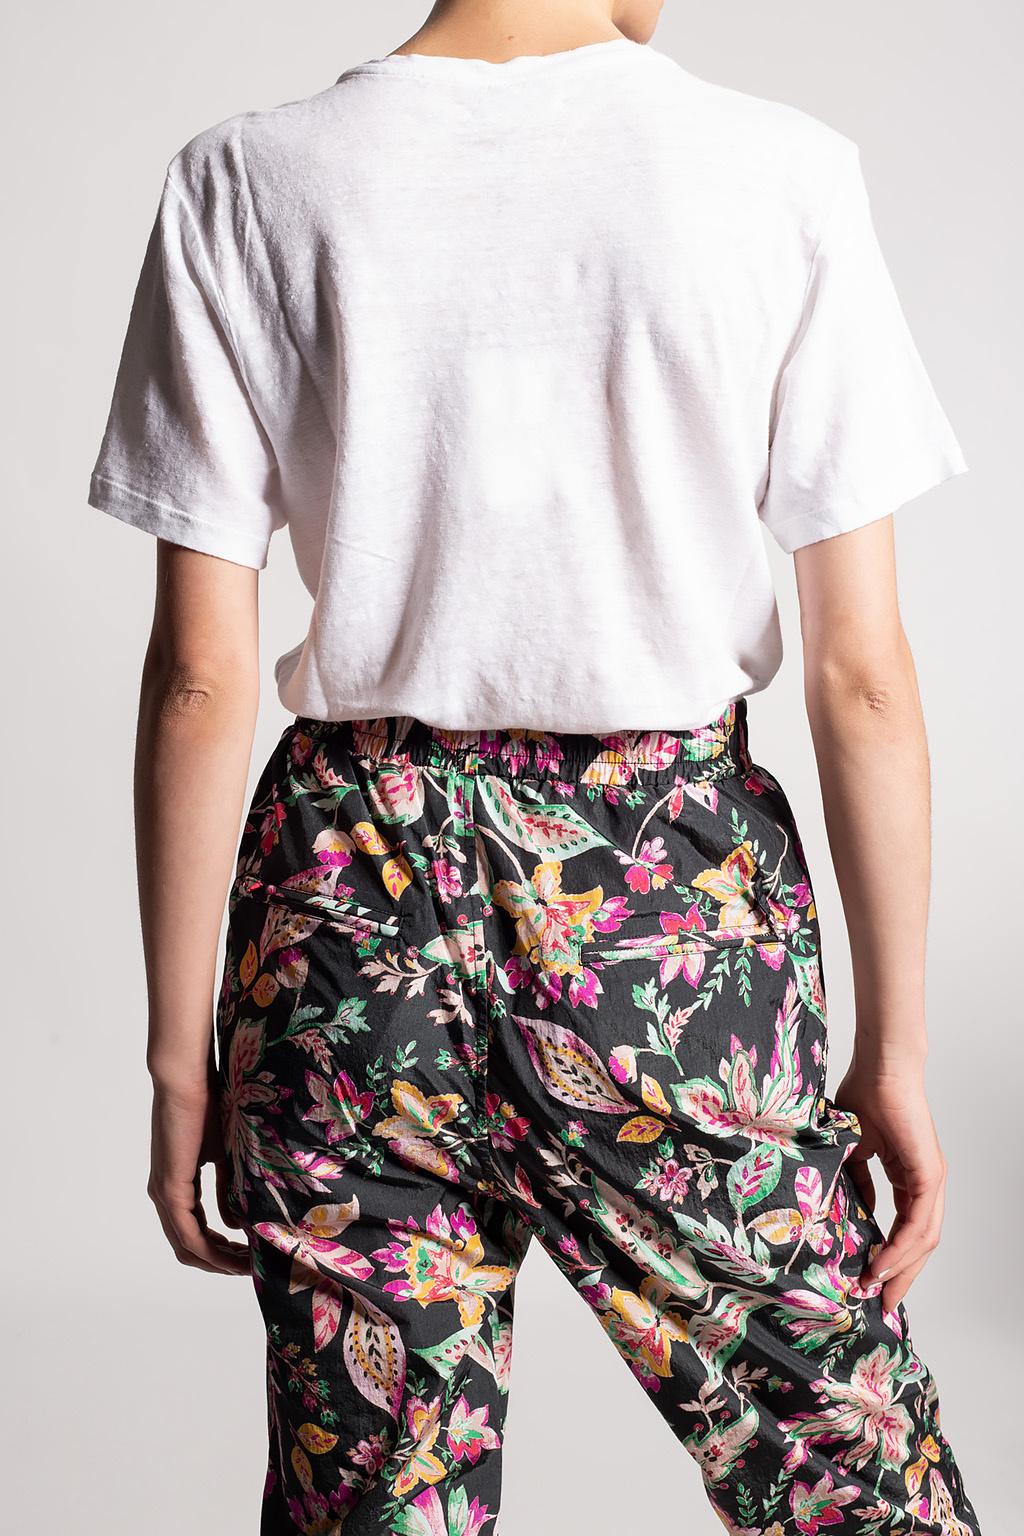 Isabel Marant Etoile T-shirt with logo